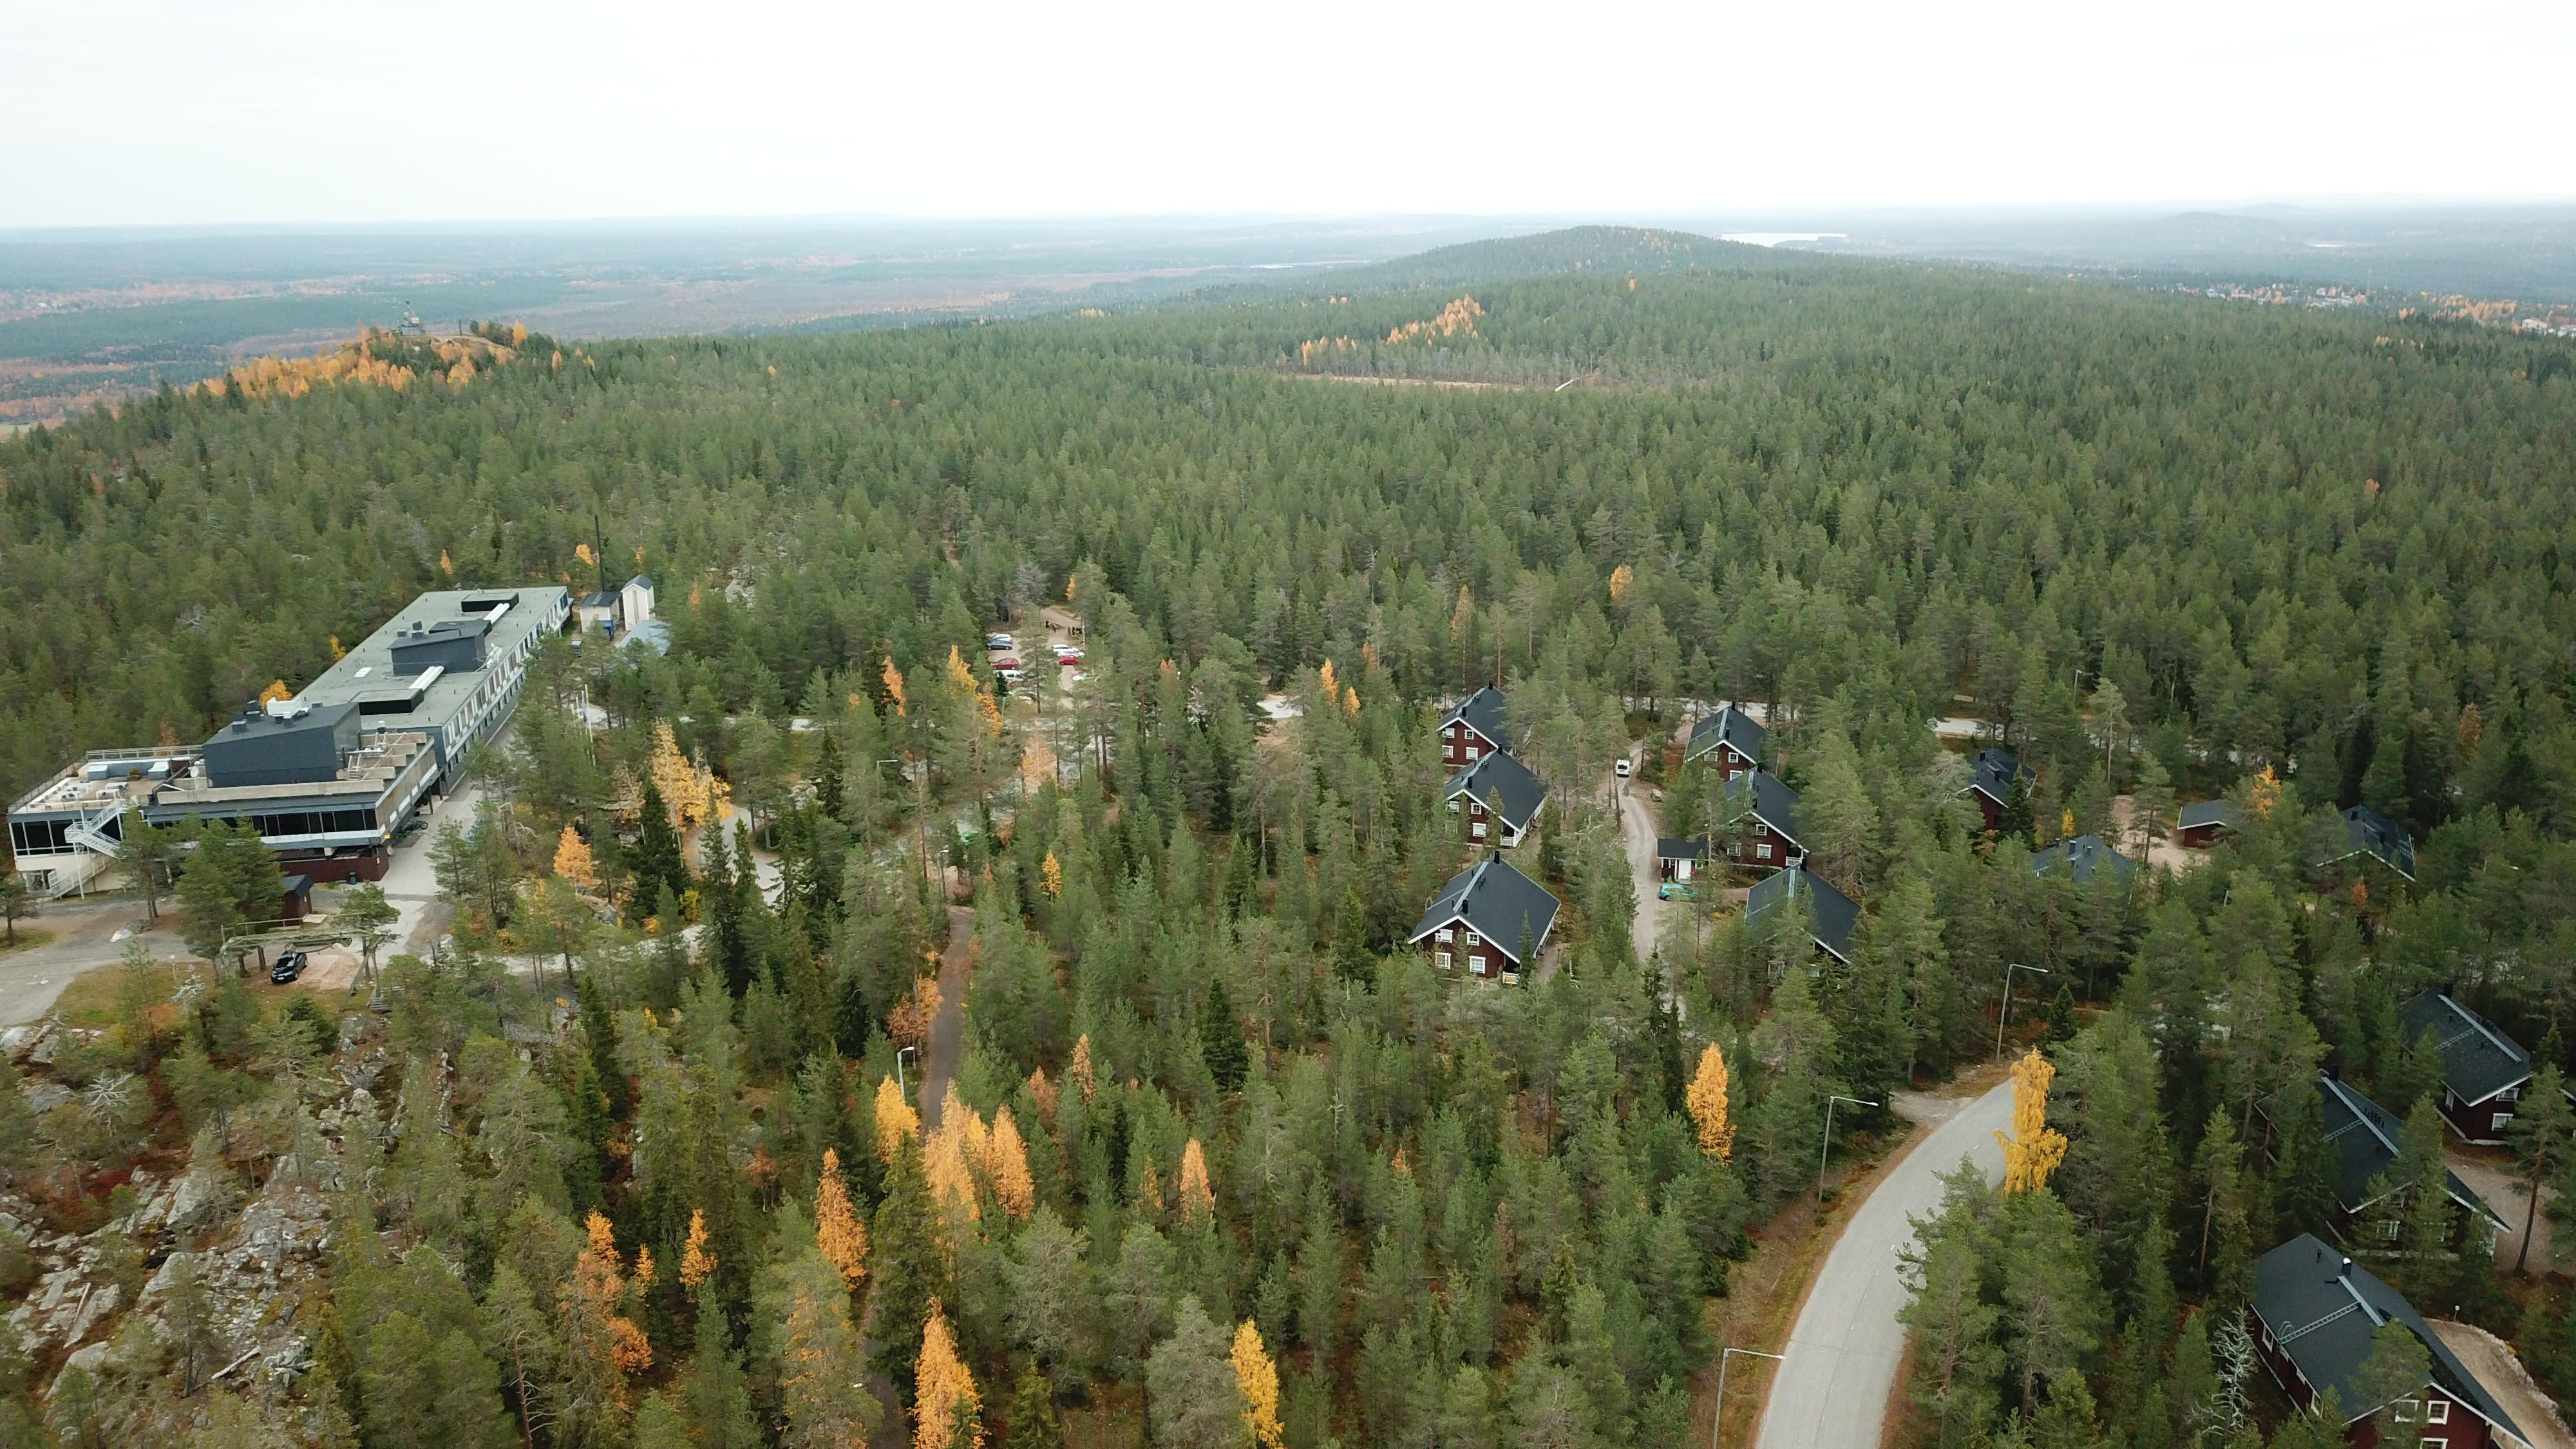 Ilmakuva Ounasvaaralta, alla näkyy metsää ja taloja